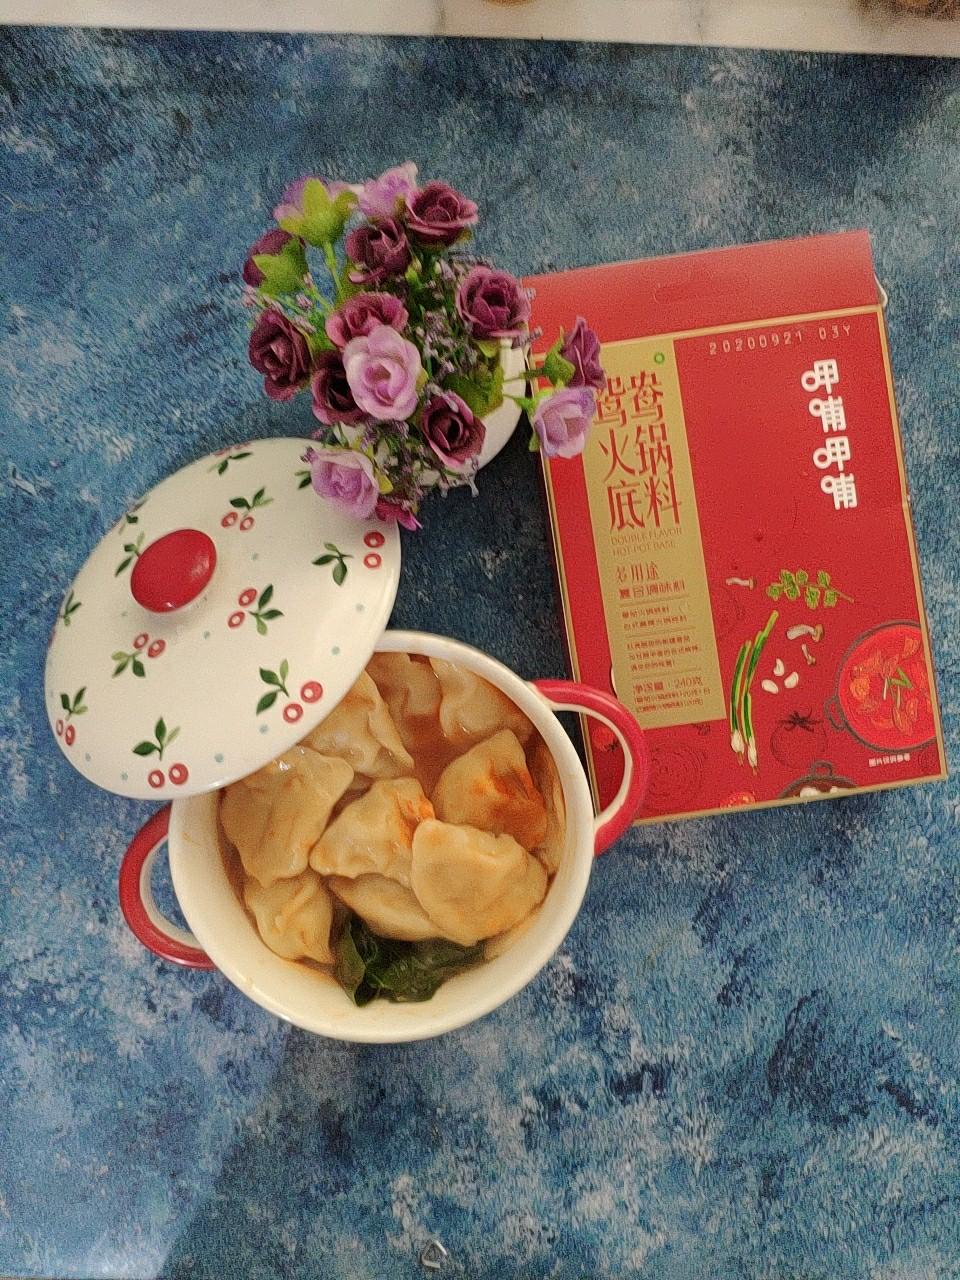 呷哺呷哺番茄火锅饺子成品图